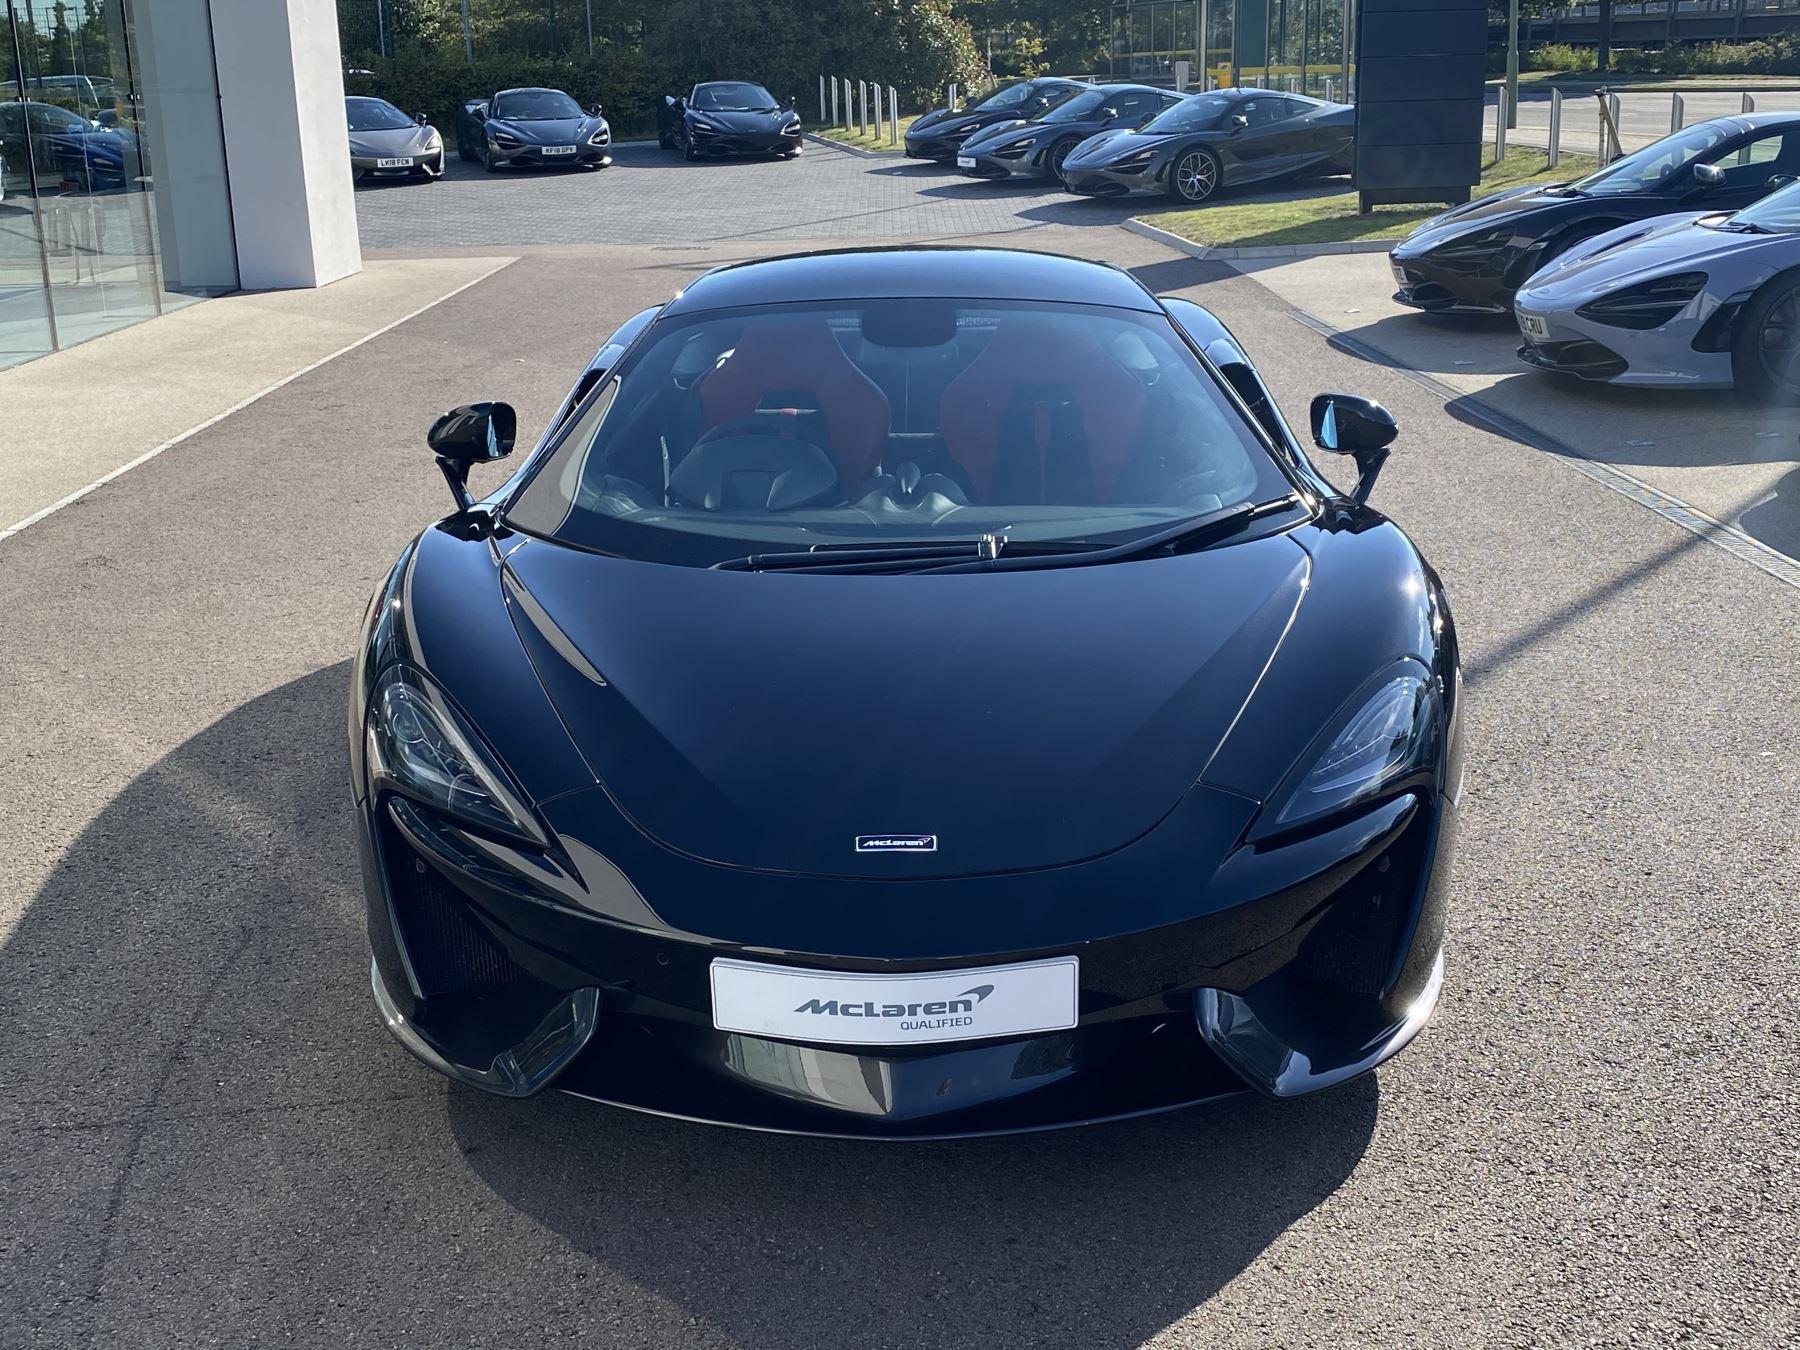 McLaren 570S Coupe SSG  image 2